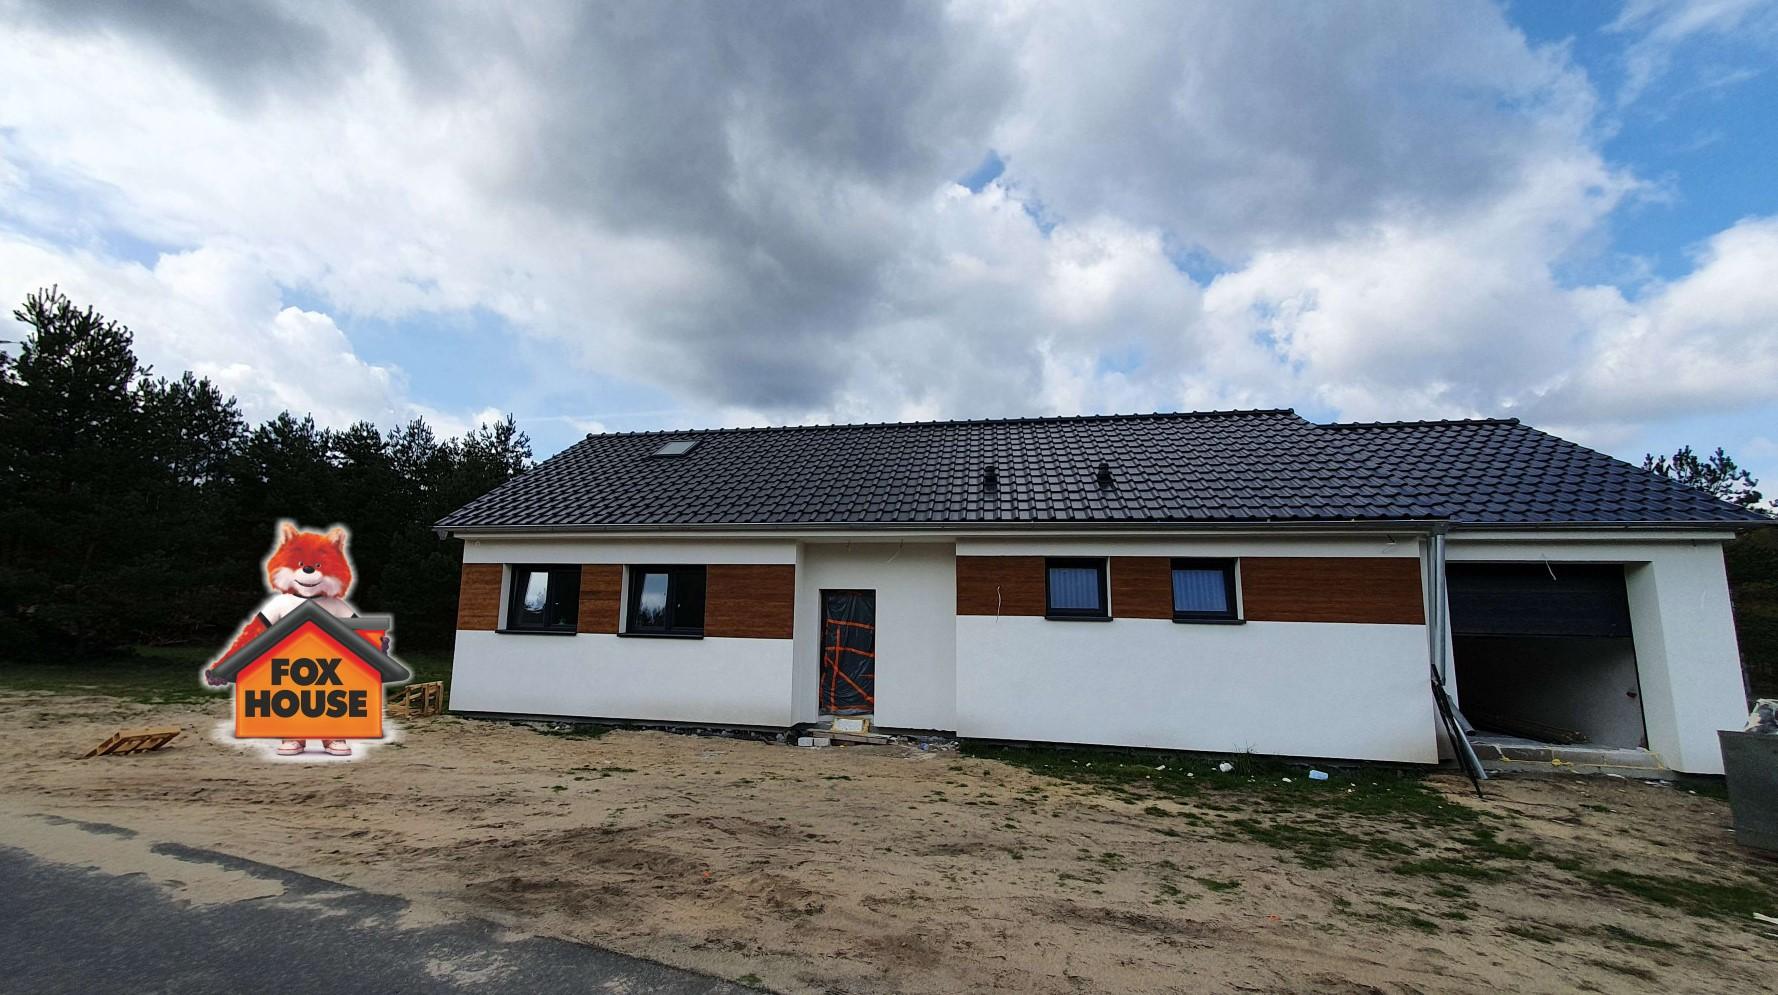 Dom energooszczędny w stanie deweloperskim w Kliczkowie